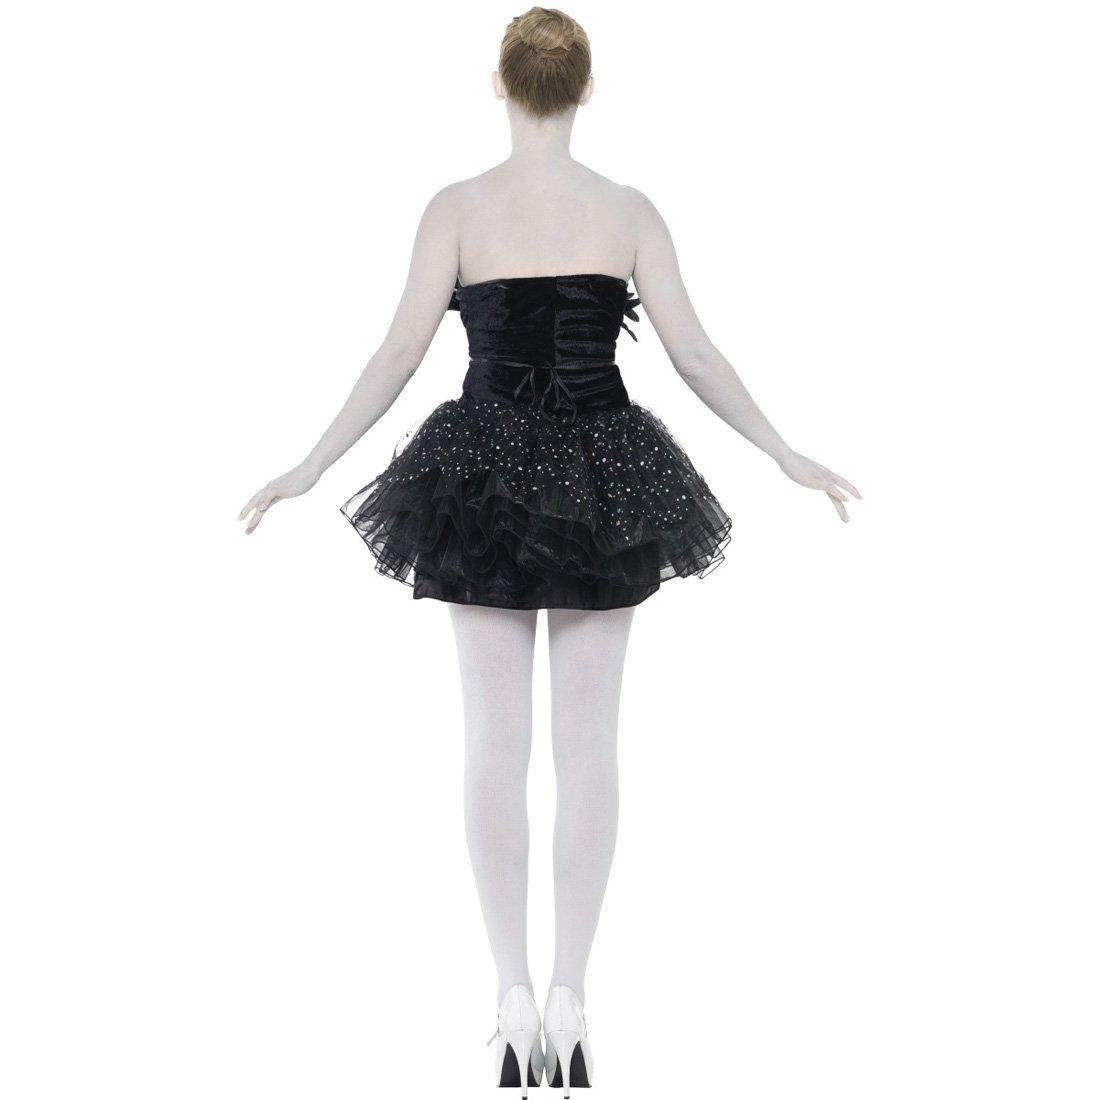 NET TOYS Disfraz gótico de Cisne Negro Vestido Danza Ballet Mujer ...